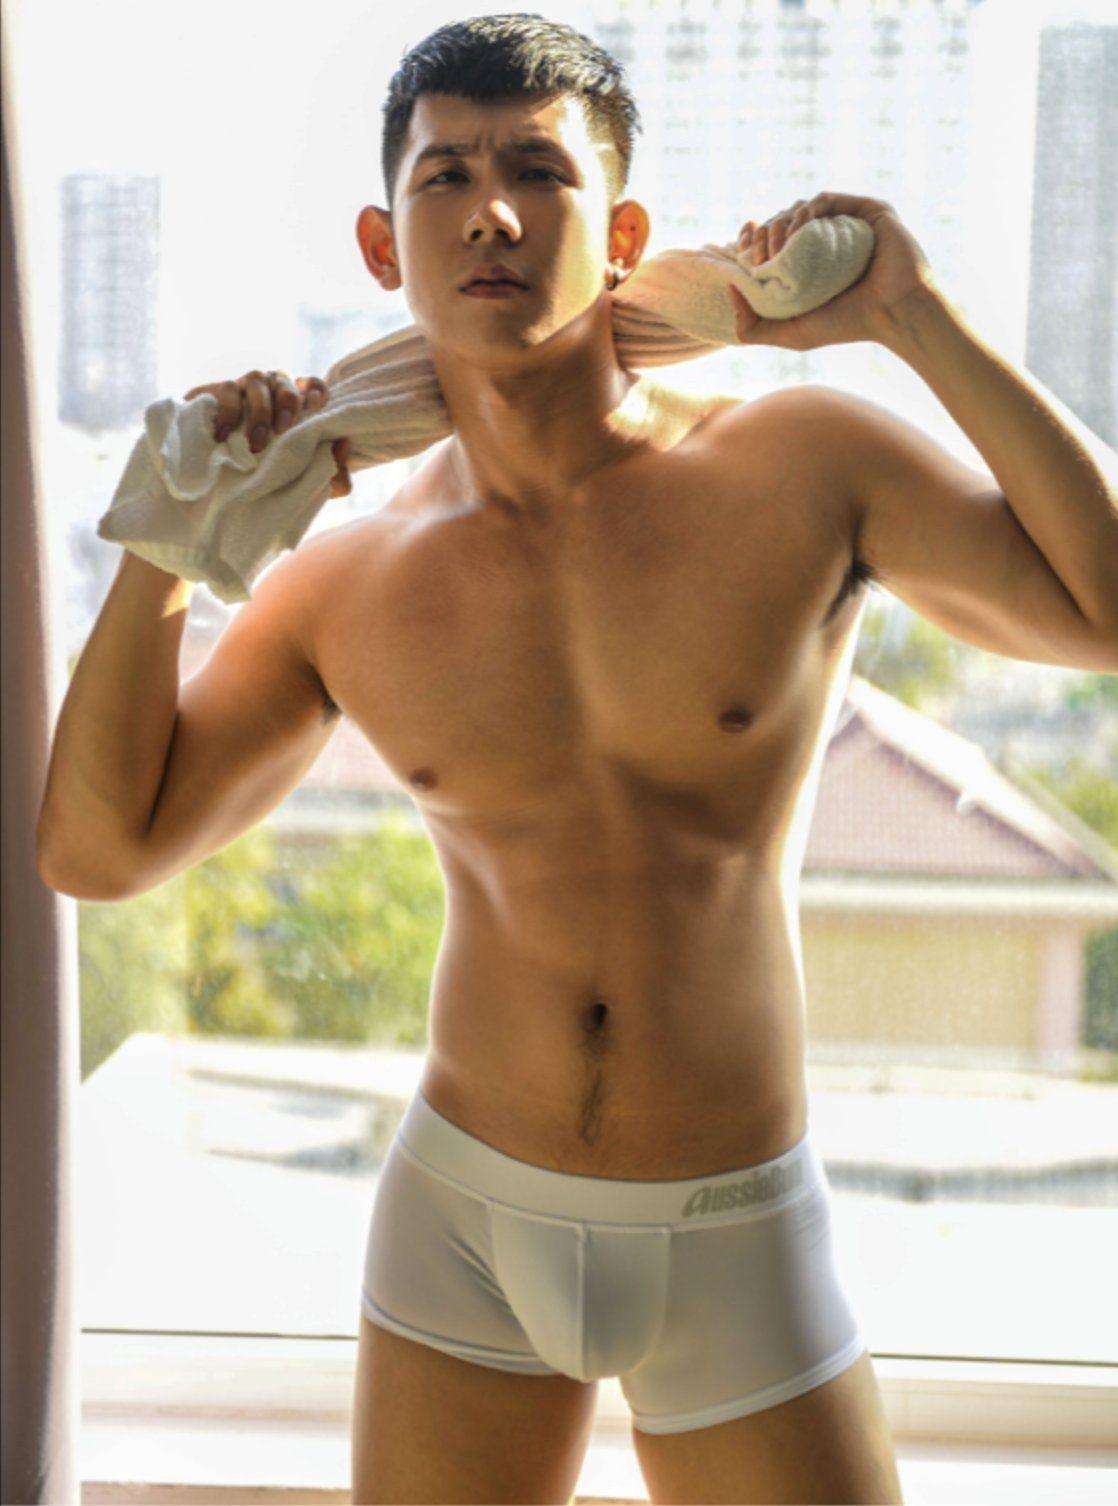 Asian Hot Guys